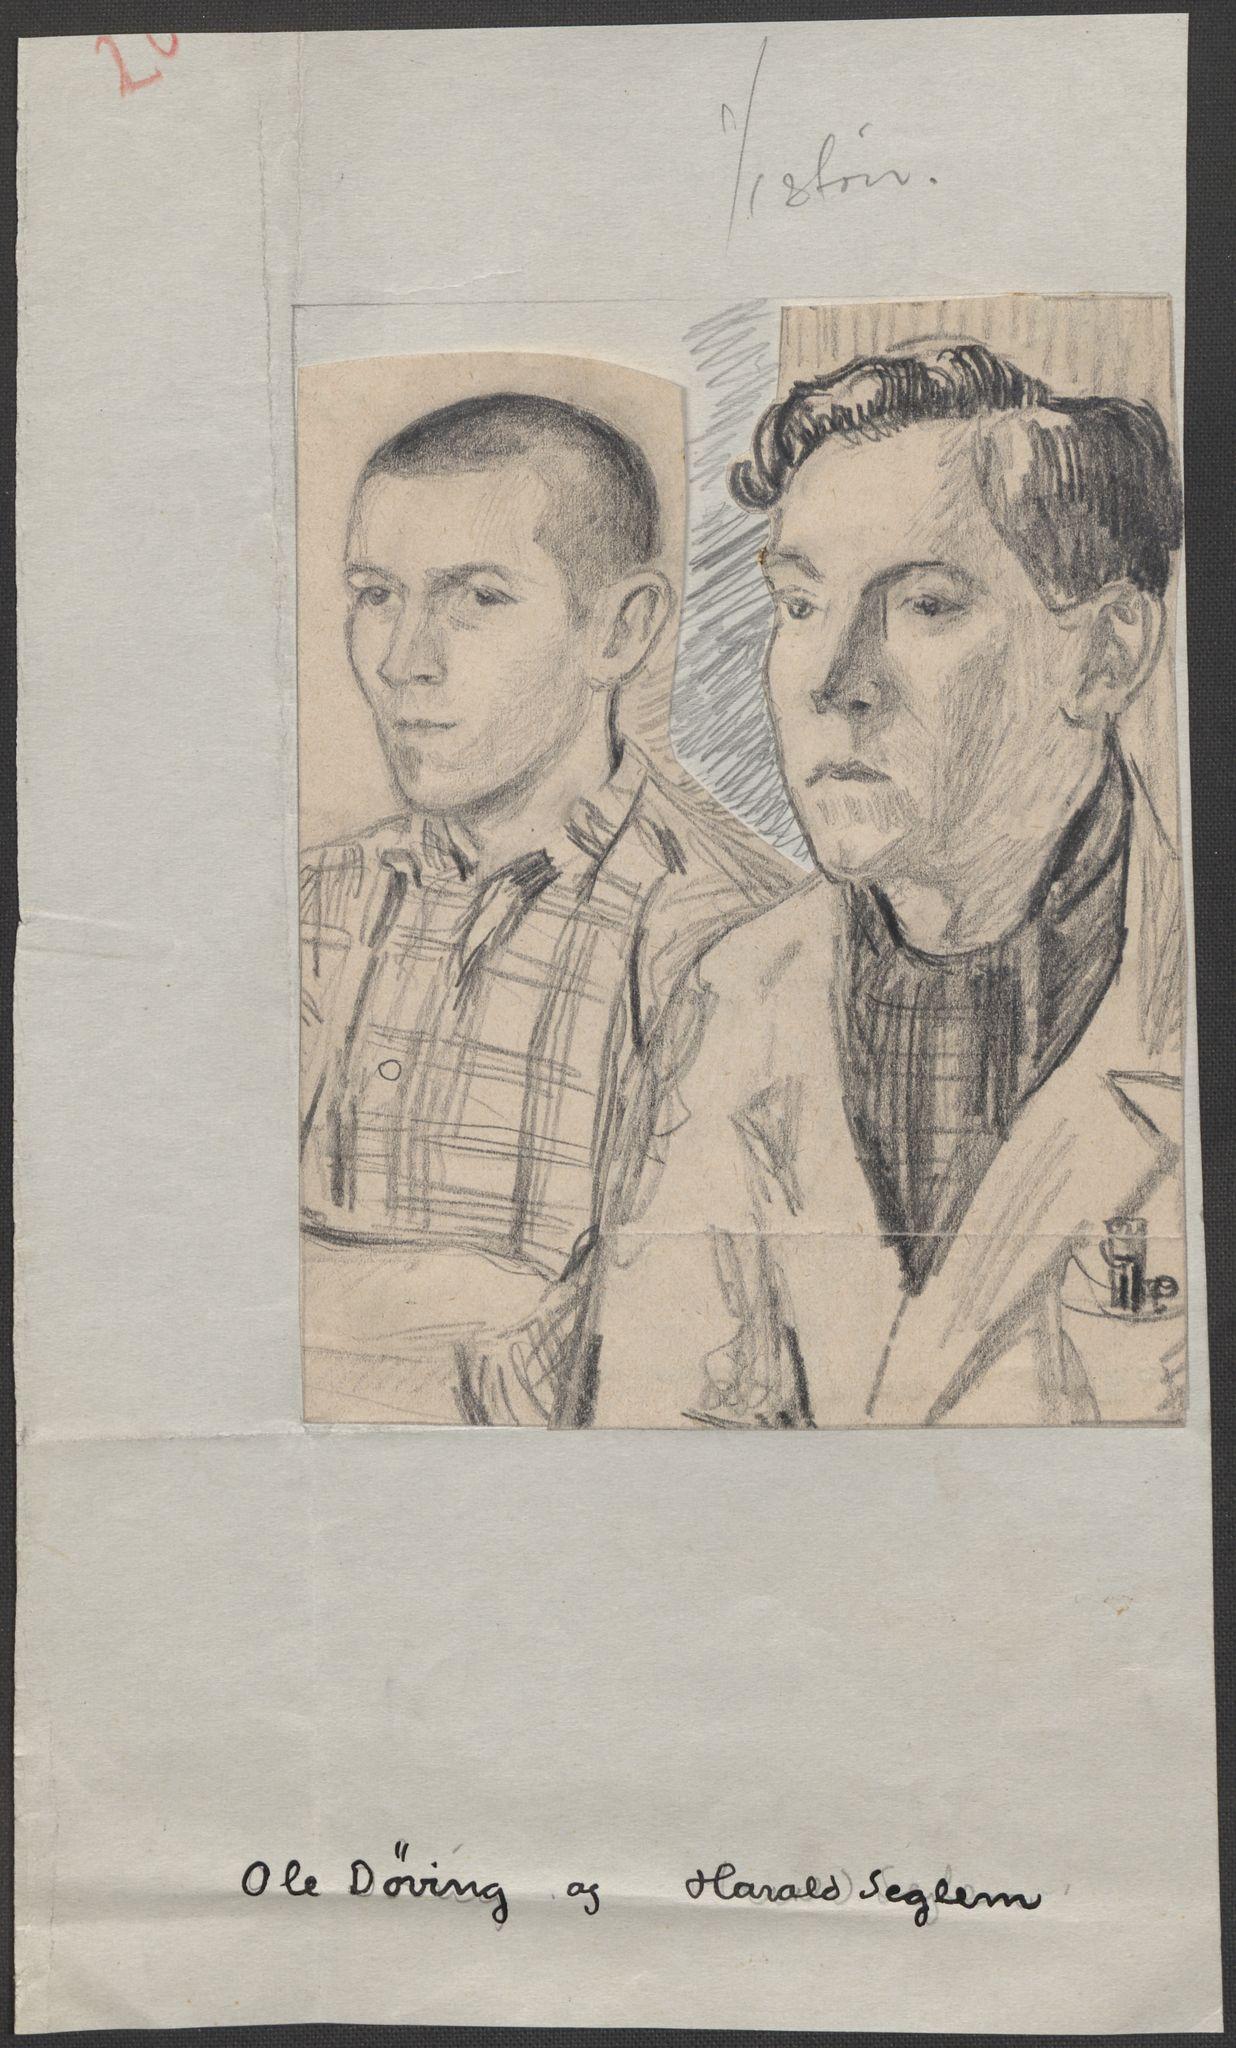 RA, Grøgaard, Joachim, F/L0002: Tegninger og tekster, 1942-1945, s. 87